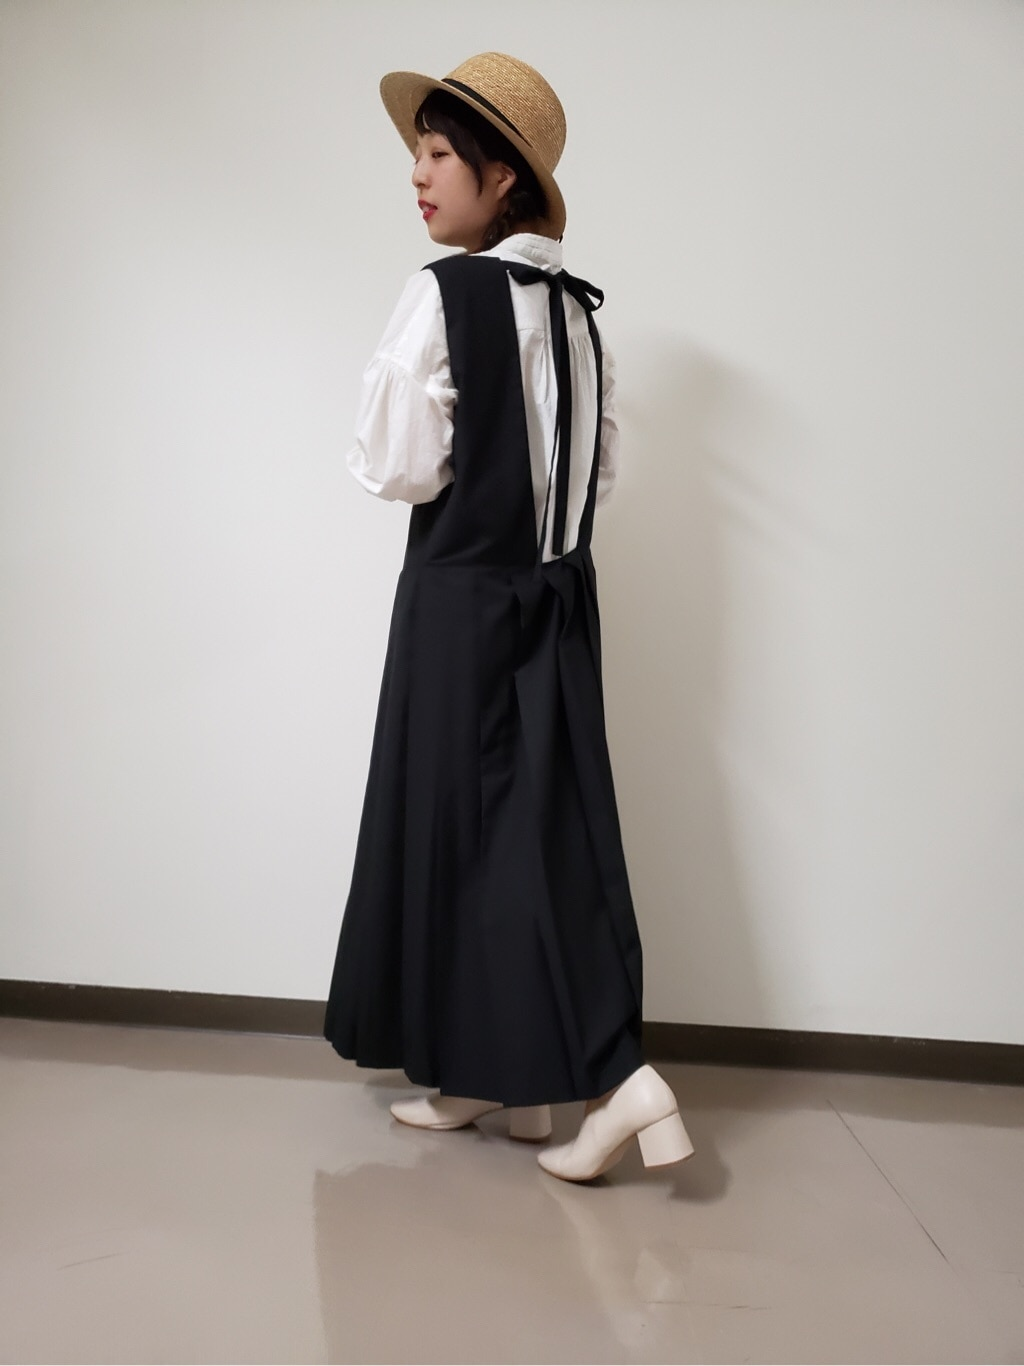 アトレ川崎 2019.07.16